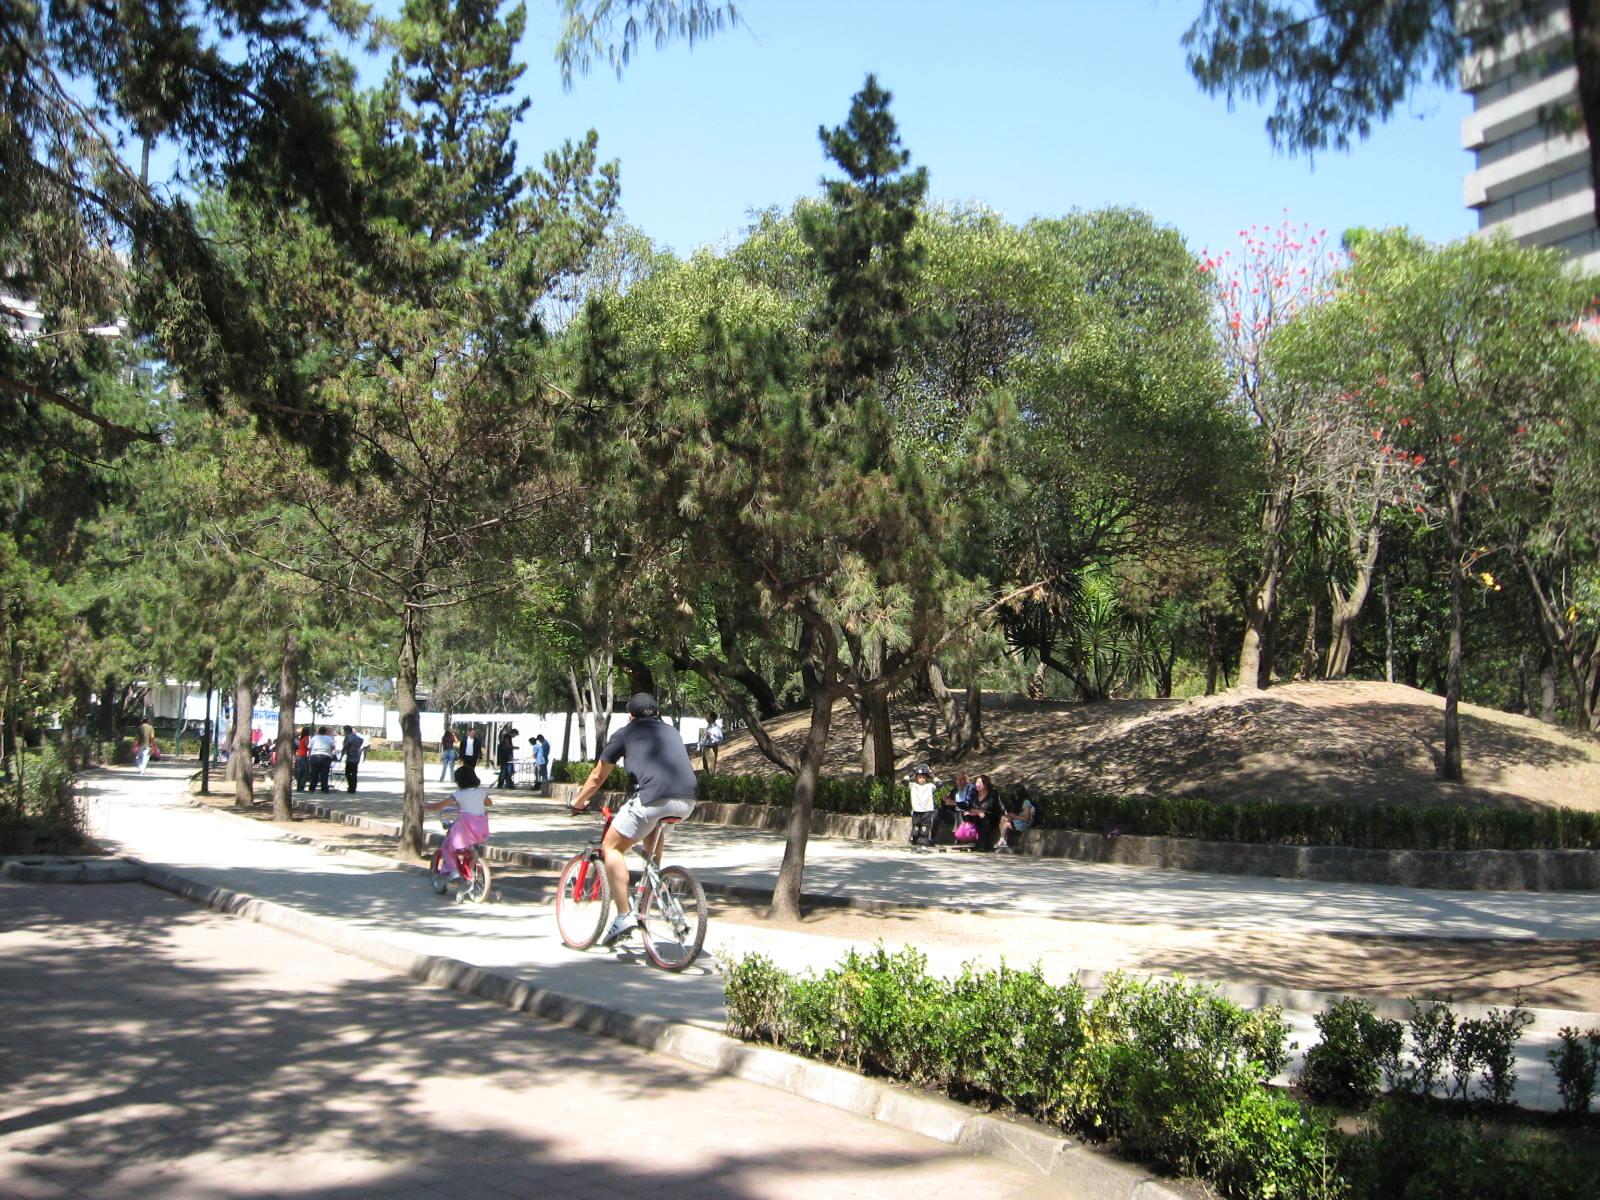 Personas paseando en bicicleta por el Parque Lincoln